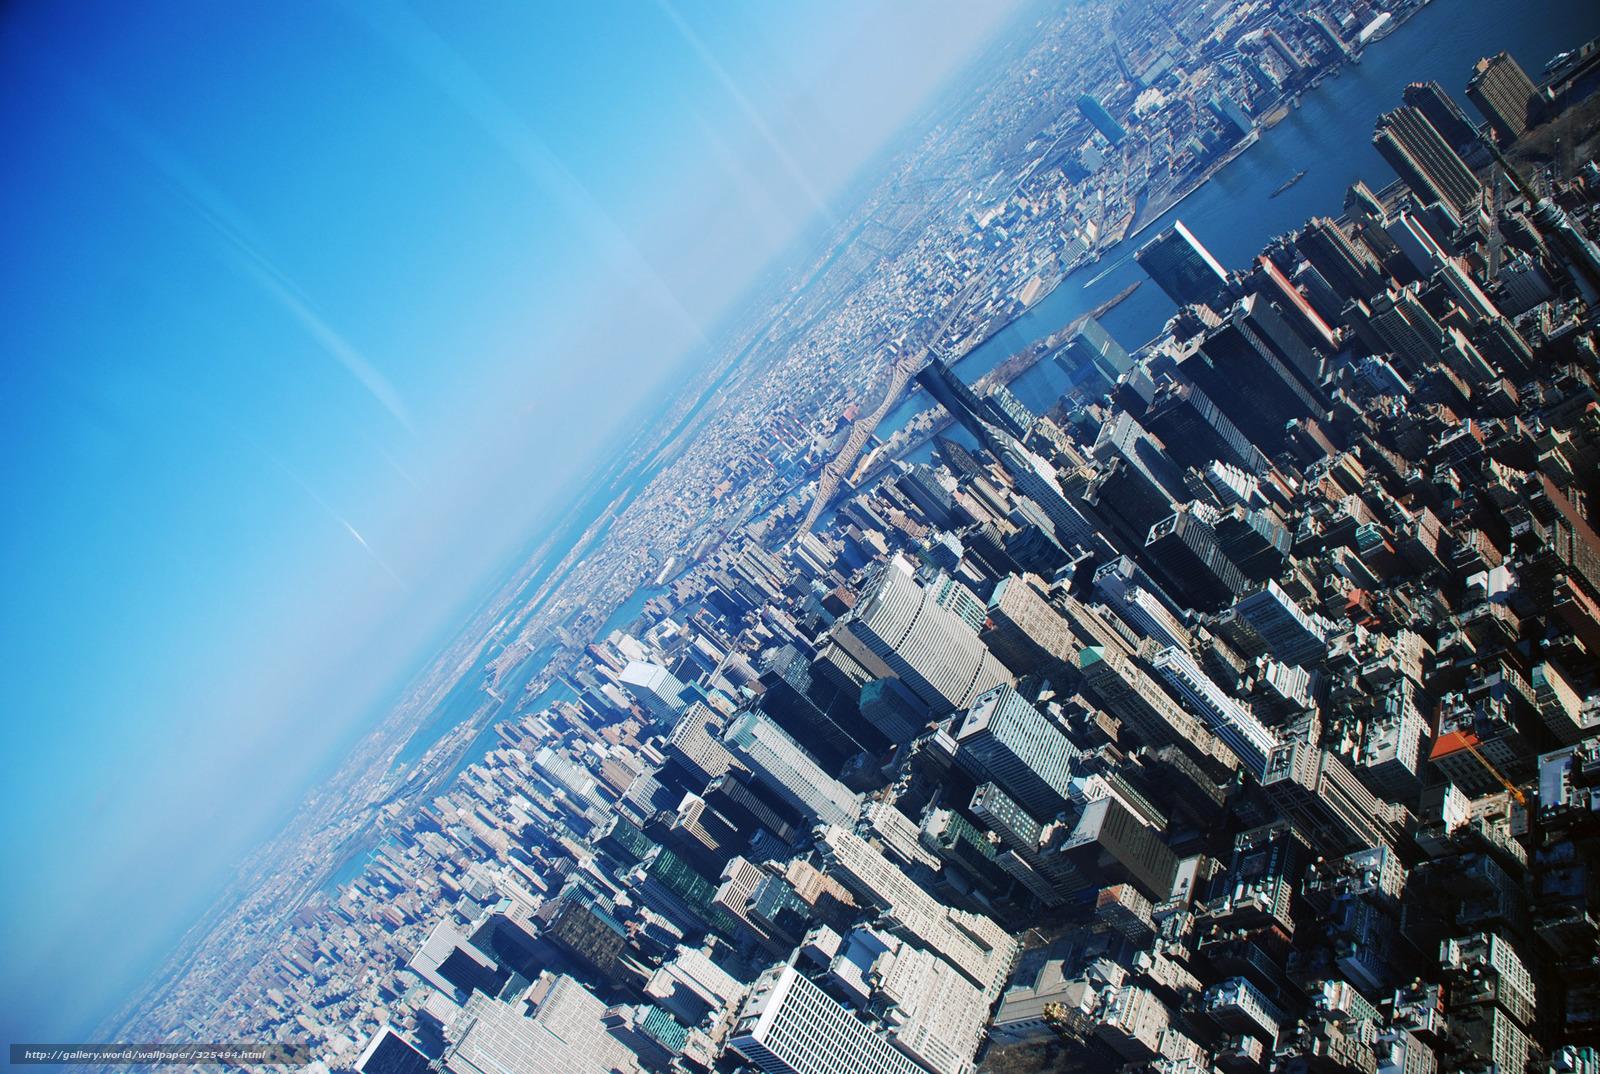 Скачать обои небоскреб,   сша,   нью йорк бесплатно для рабочего стола в разрешении 2896x1944 — картинка №325494